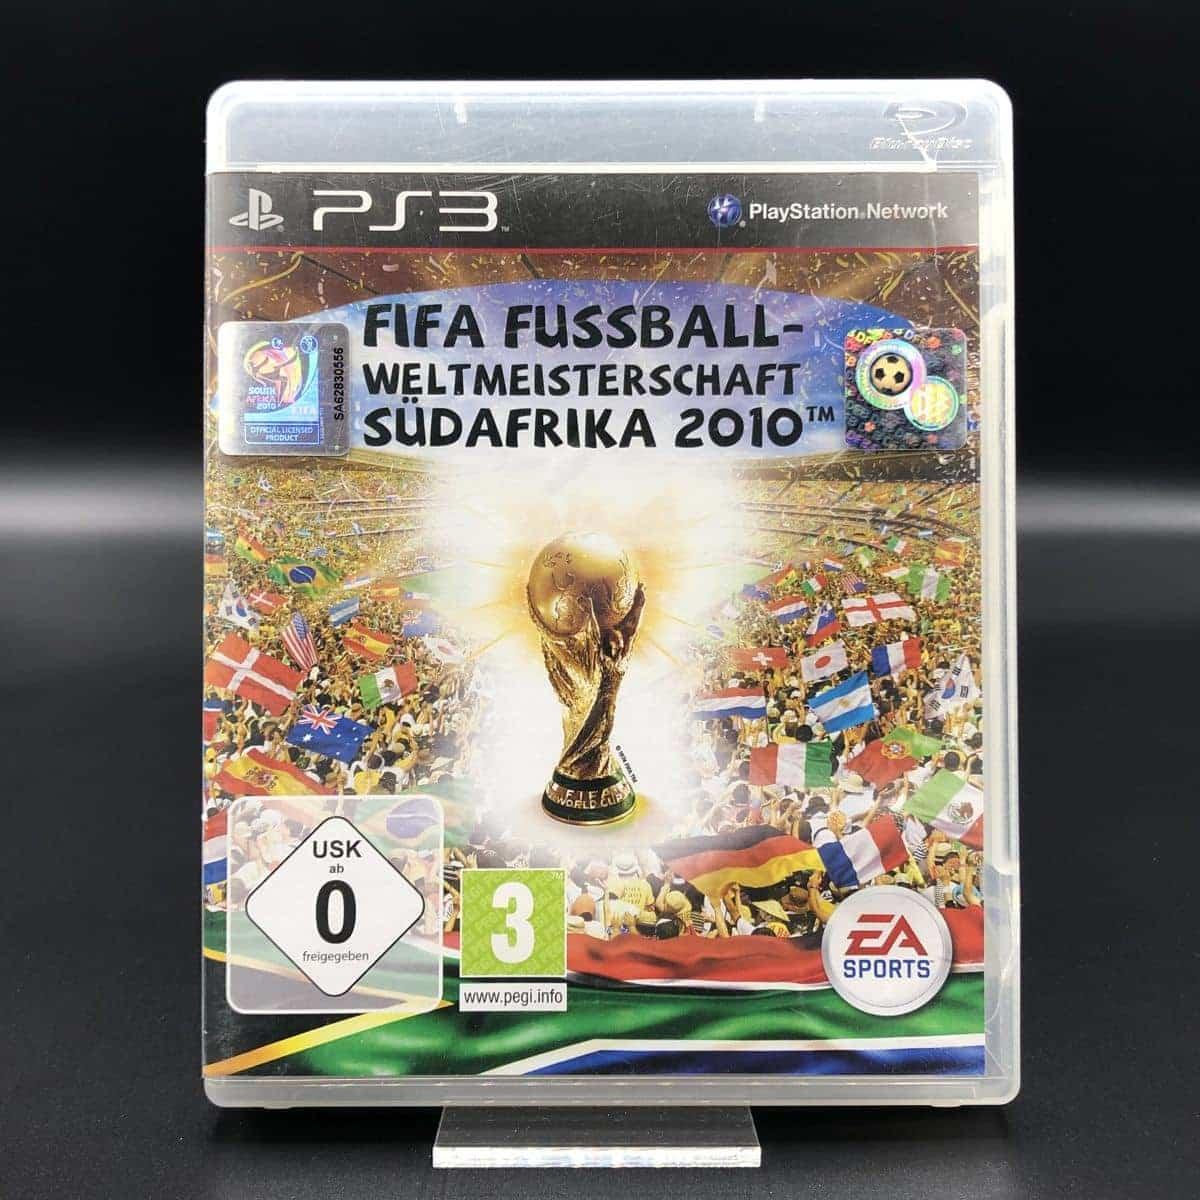 PS3 Fifa Fußball Weltmeisterschaft Südafrika 2010 (Komplett) (Sehr gut)